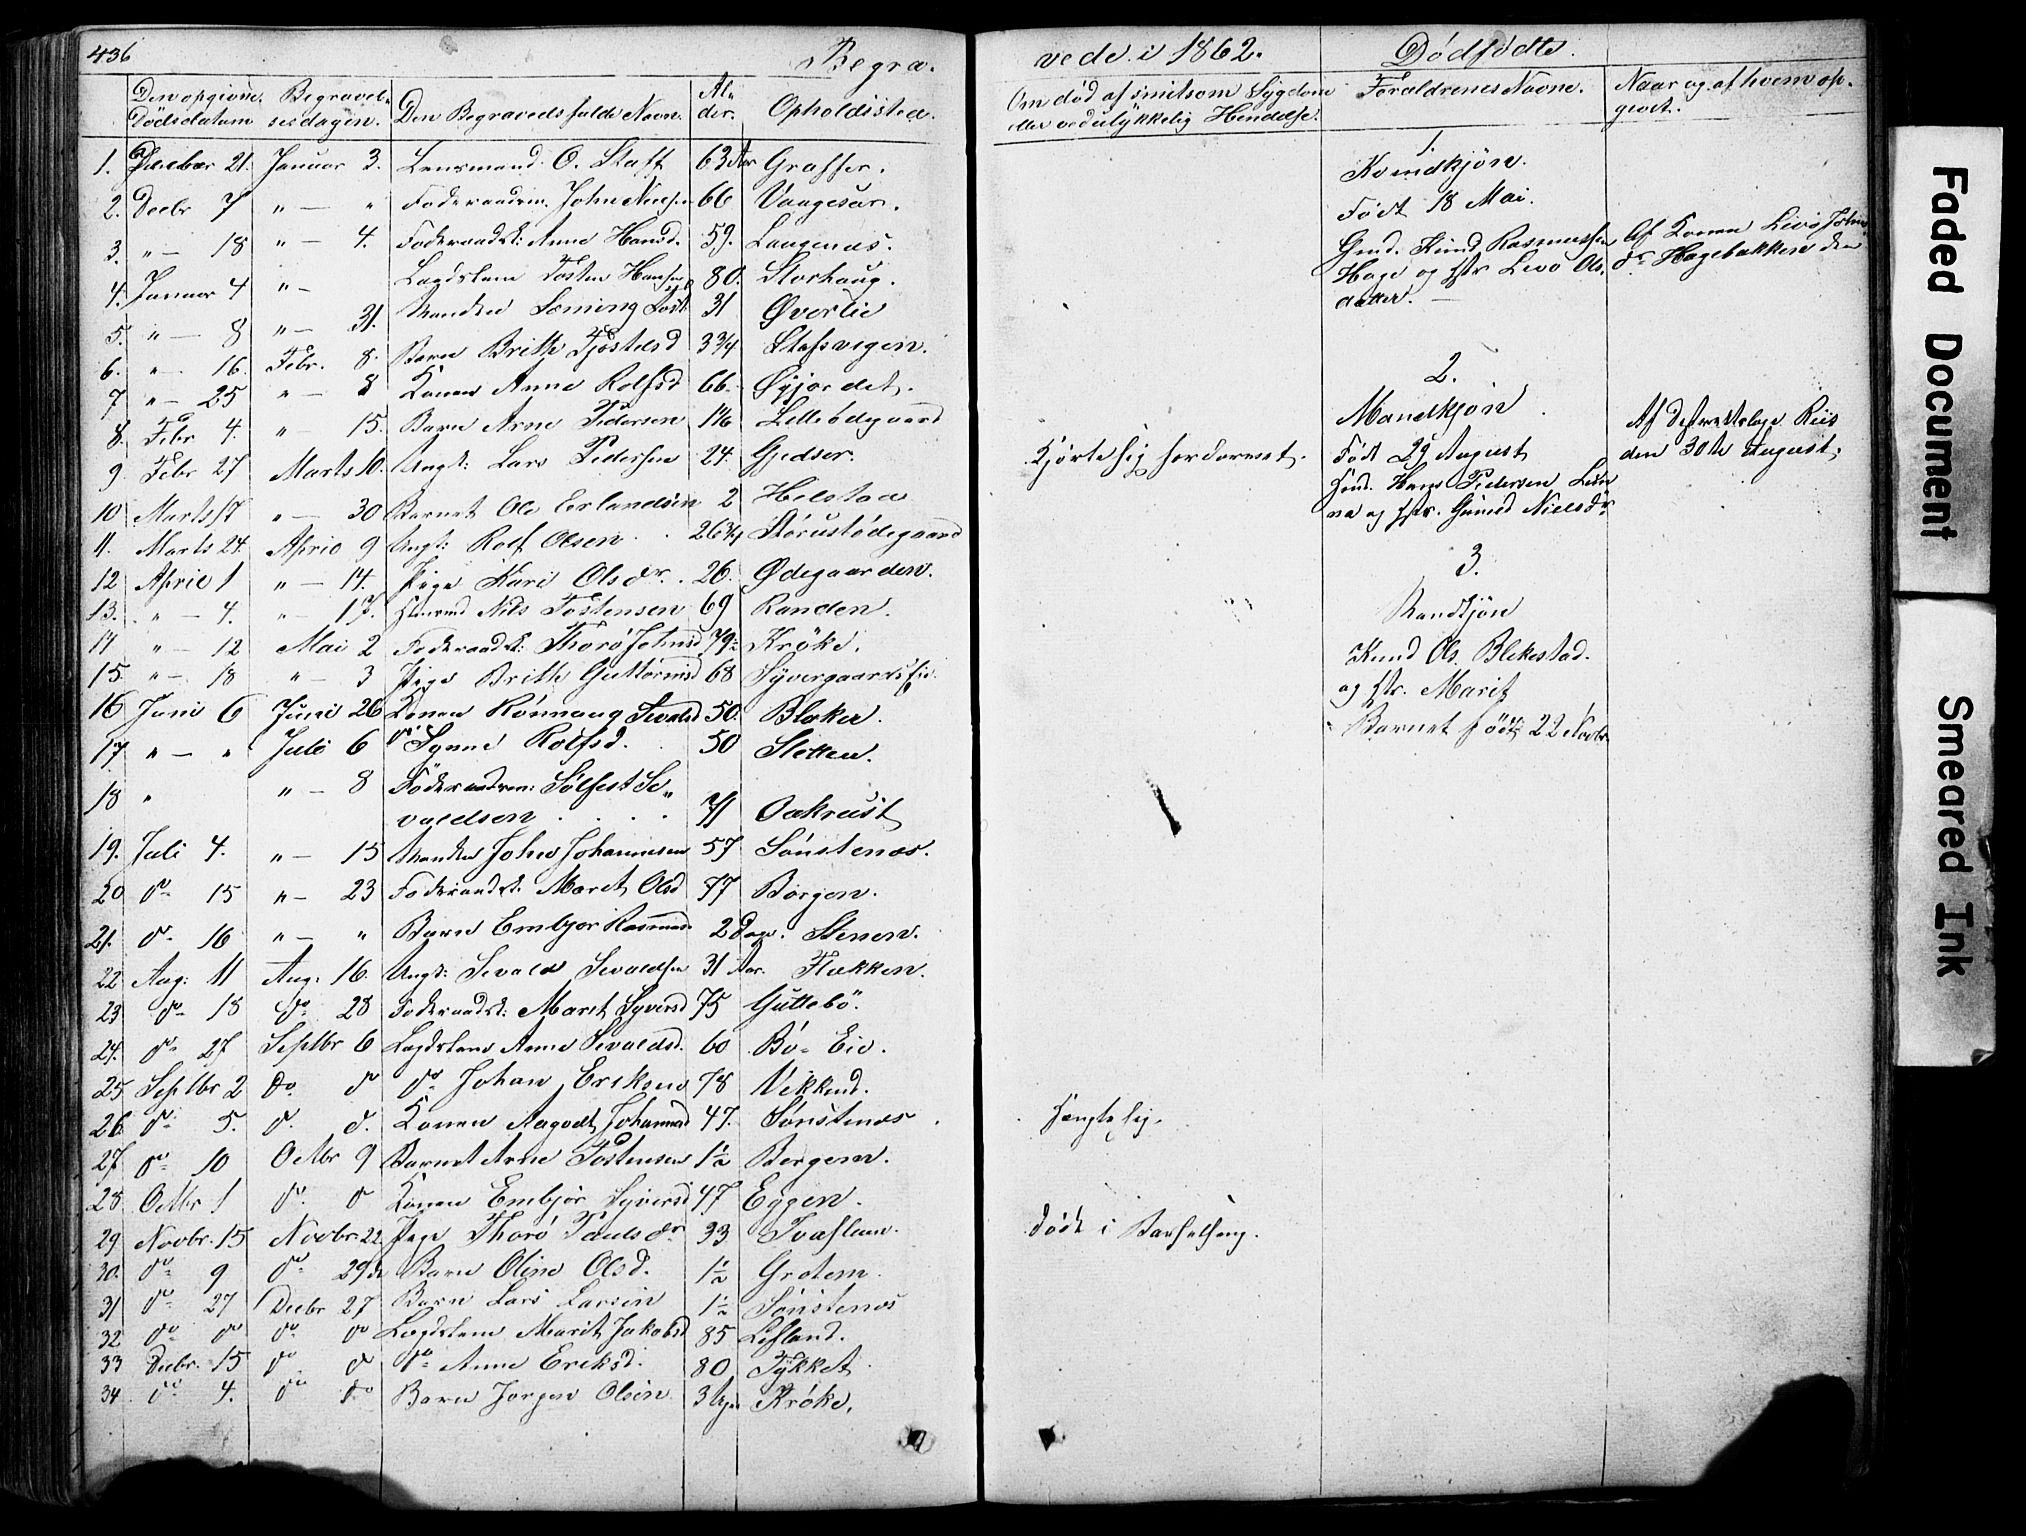 SAH, Lom prestekontor, L/L0012: Klokkerbok nr. 12, 1845-1873, s. 436-437